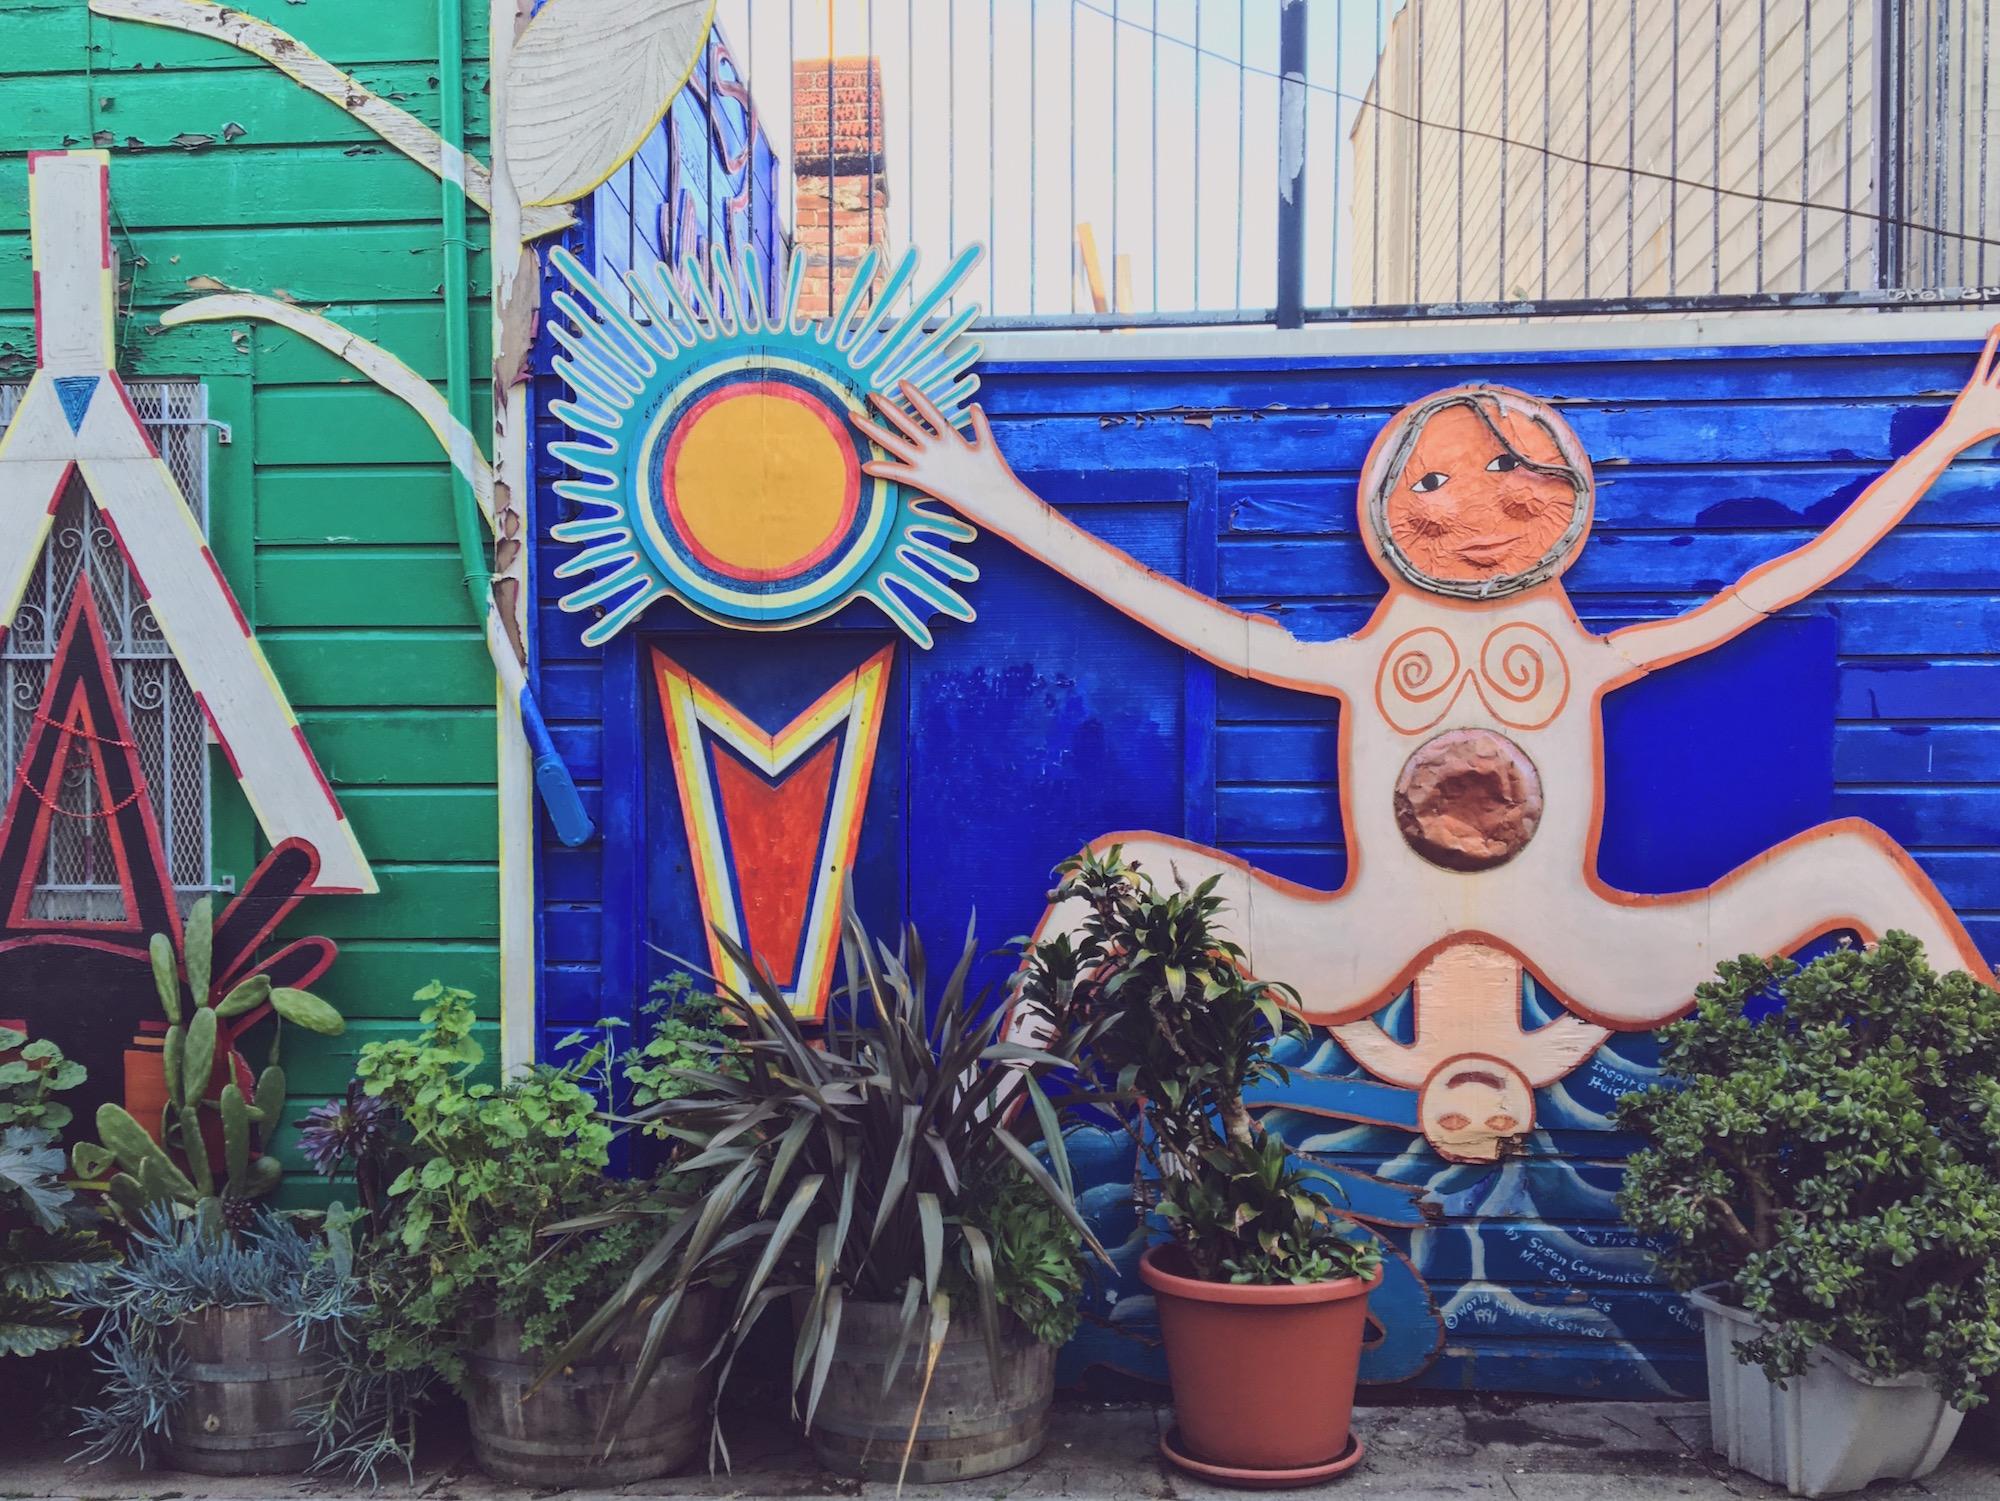 Balmy Alley - Murales nel quartiere Mission di San Francisco - Unknown 2